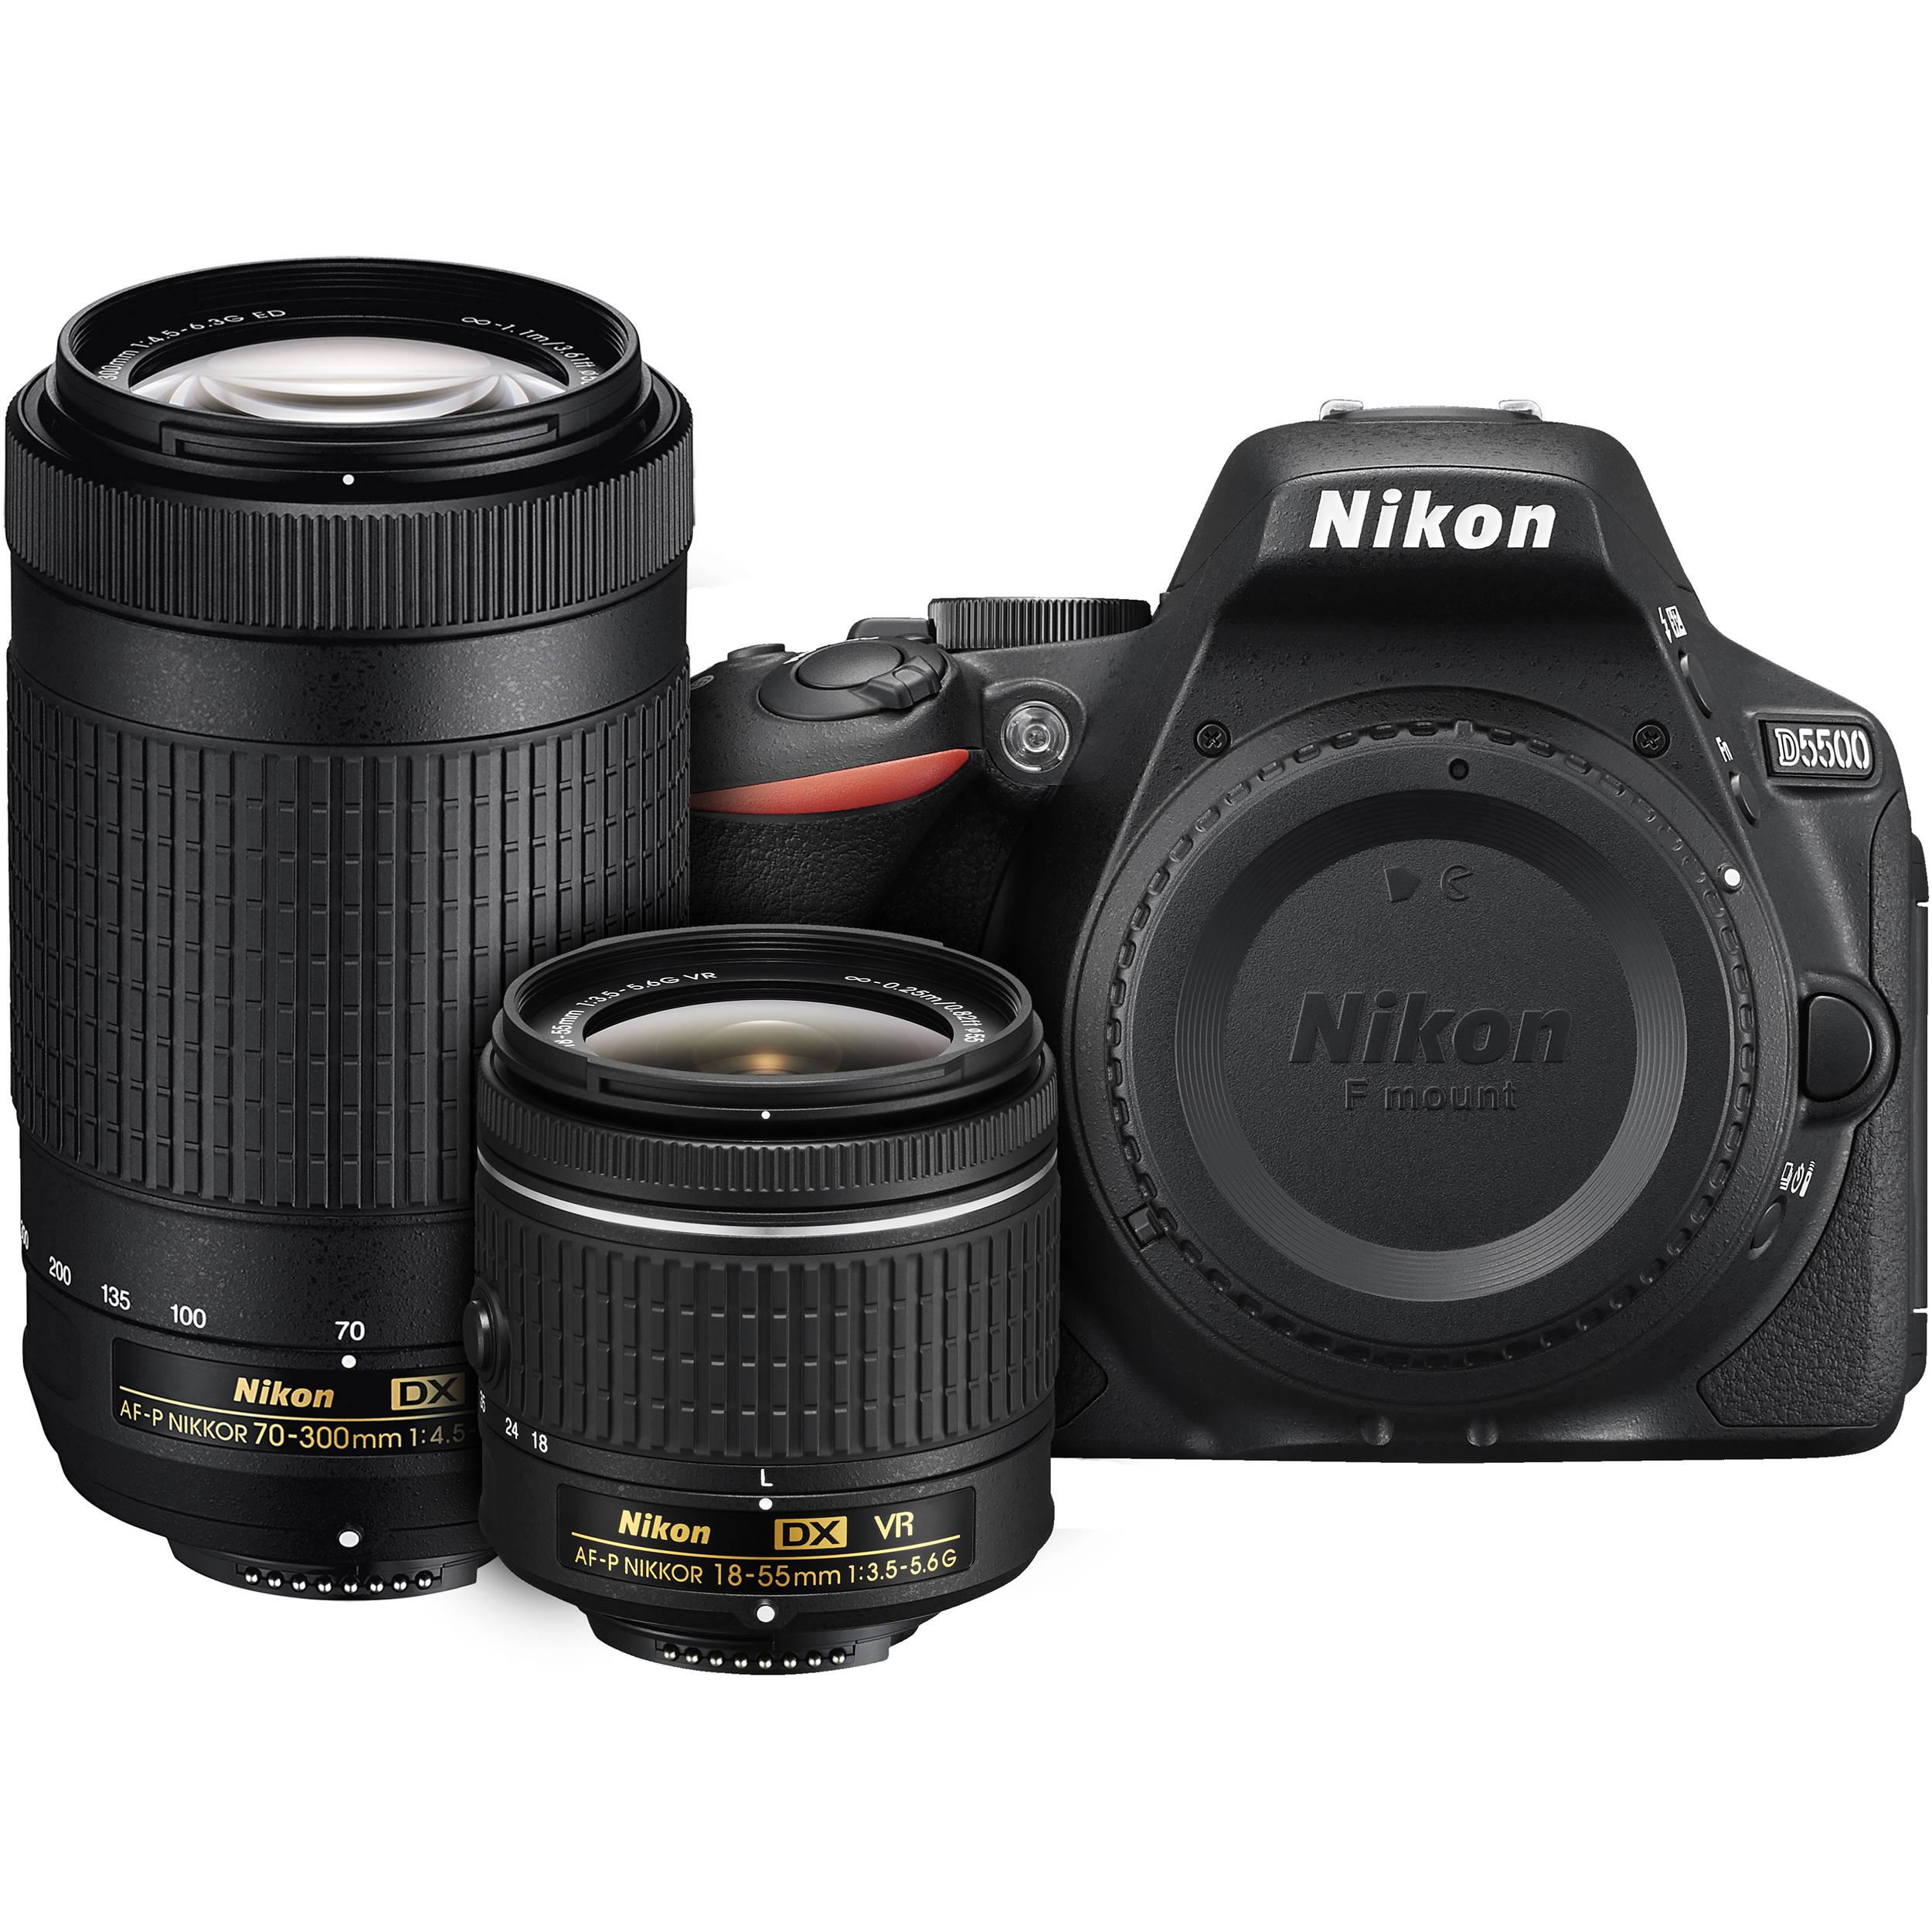 Nikon D5500 DSLR Camera with AF-P 18-55mm VR and 70-300mm Lenses (Black)